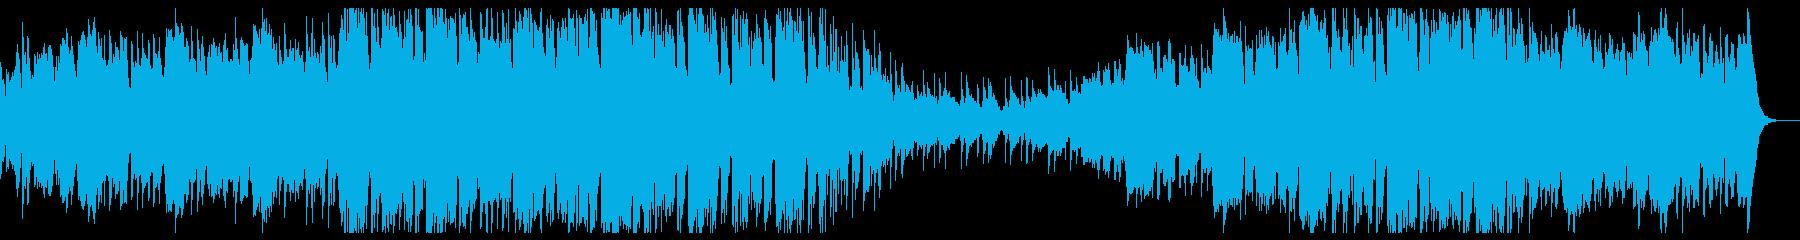 煌びやかな音色でゆったりテンポ感のBGMの再生済みの波形